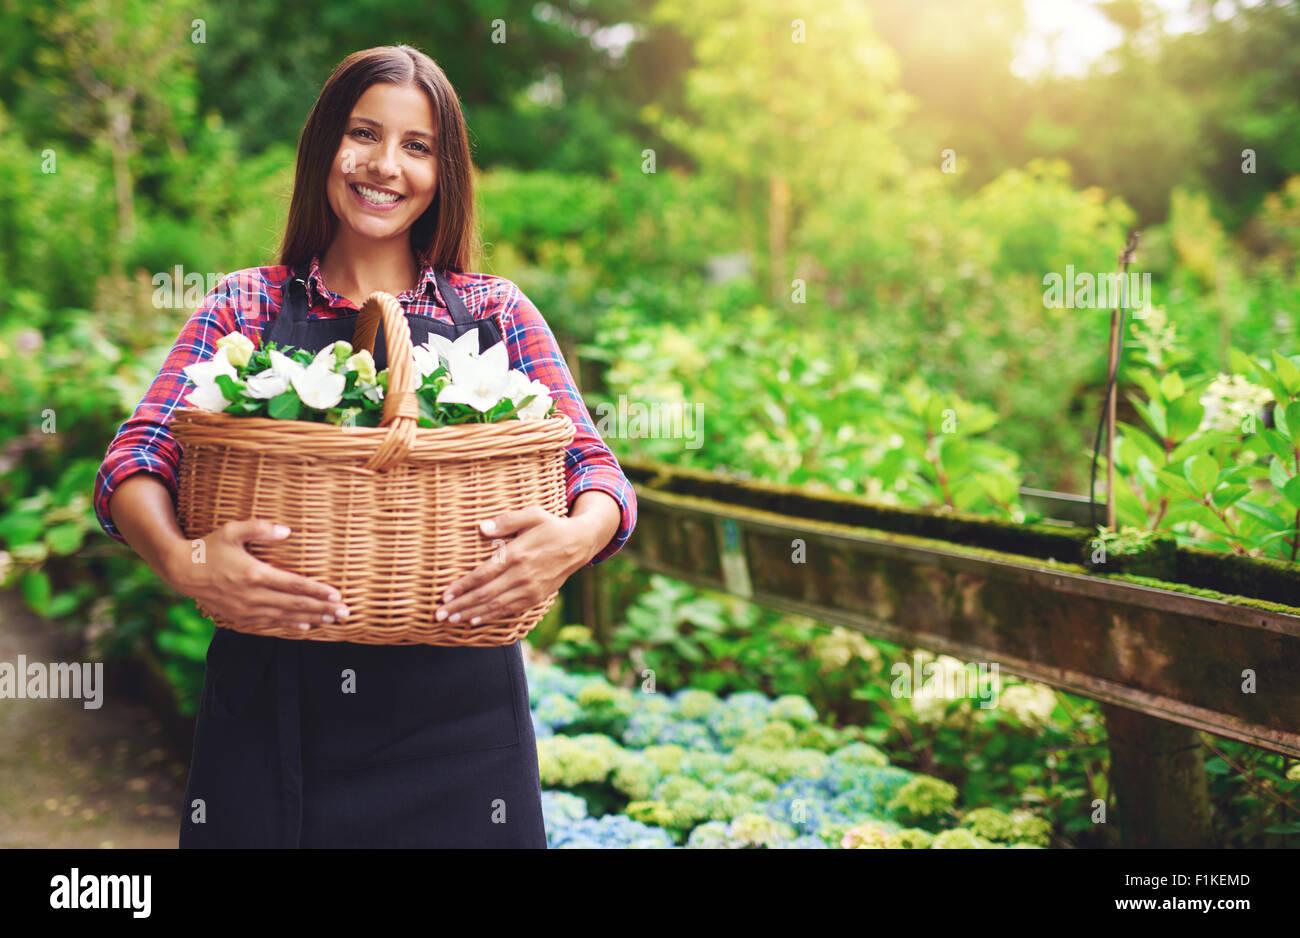 Mujer joven florista trabajar al aire libre en el vivero, recoger flores en un gran cesto de mimbre que sostiene Imagen De Stock